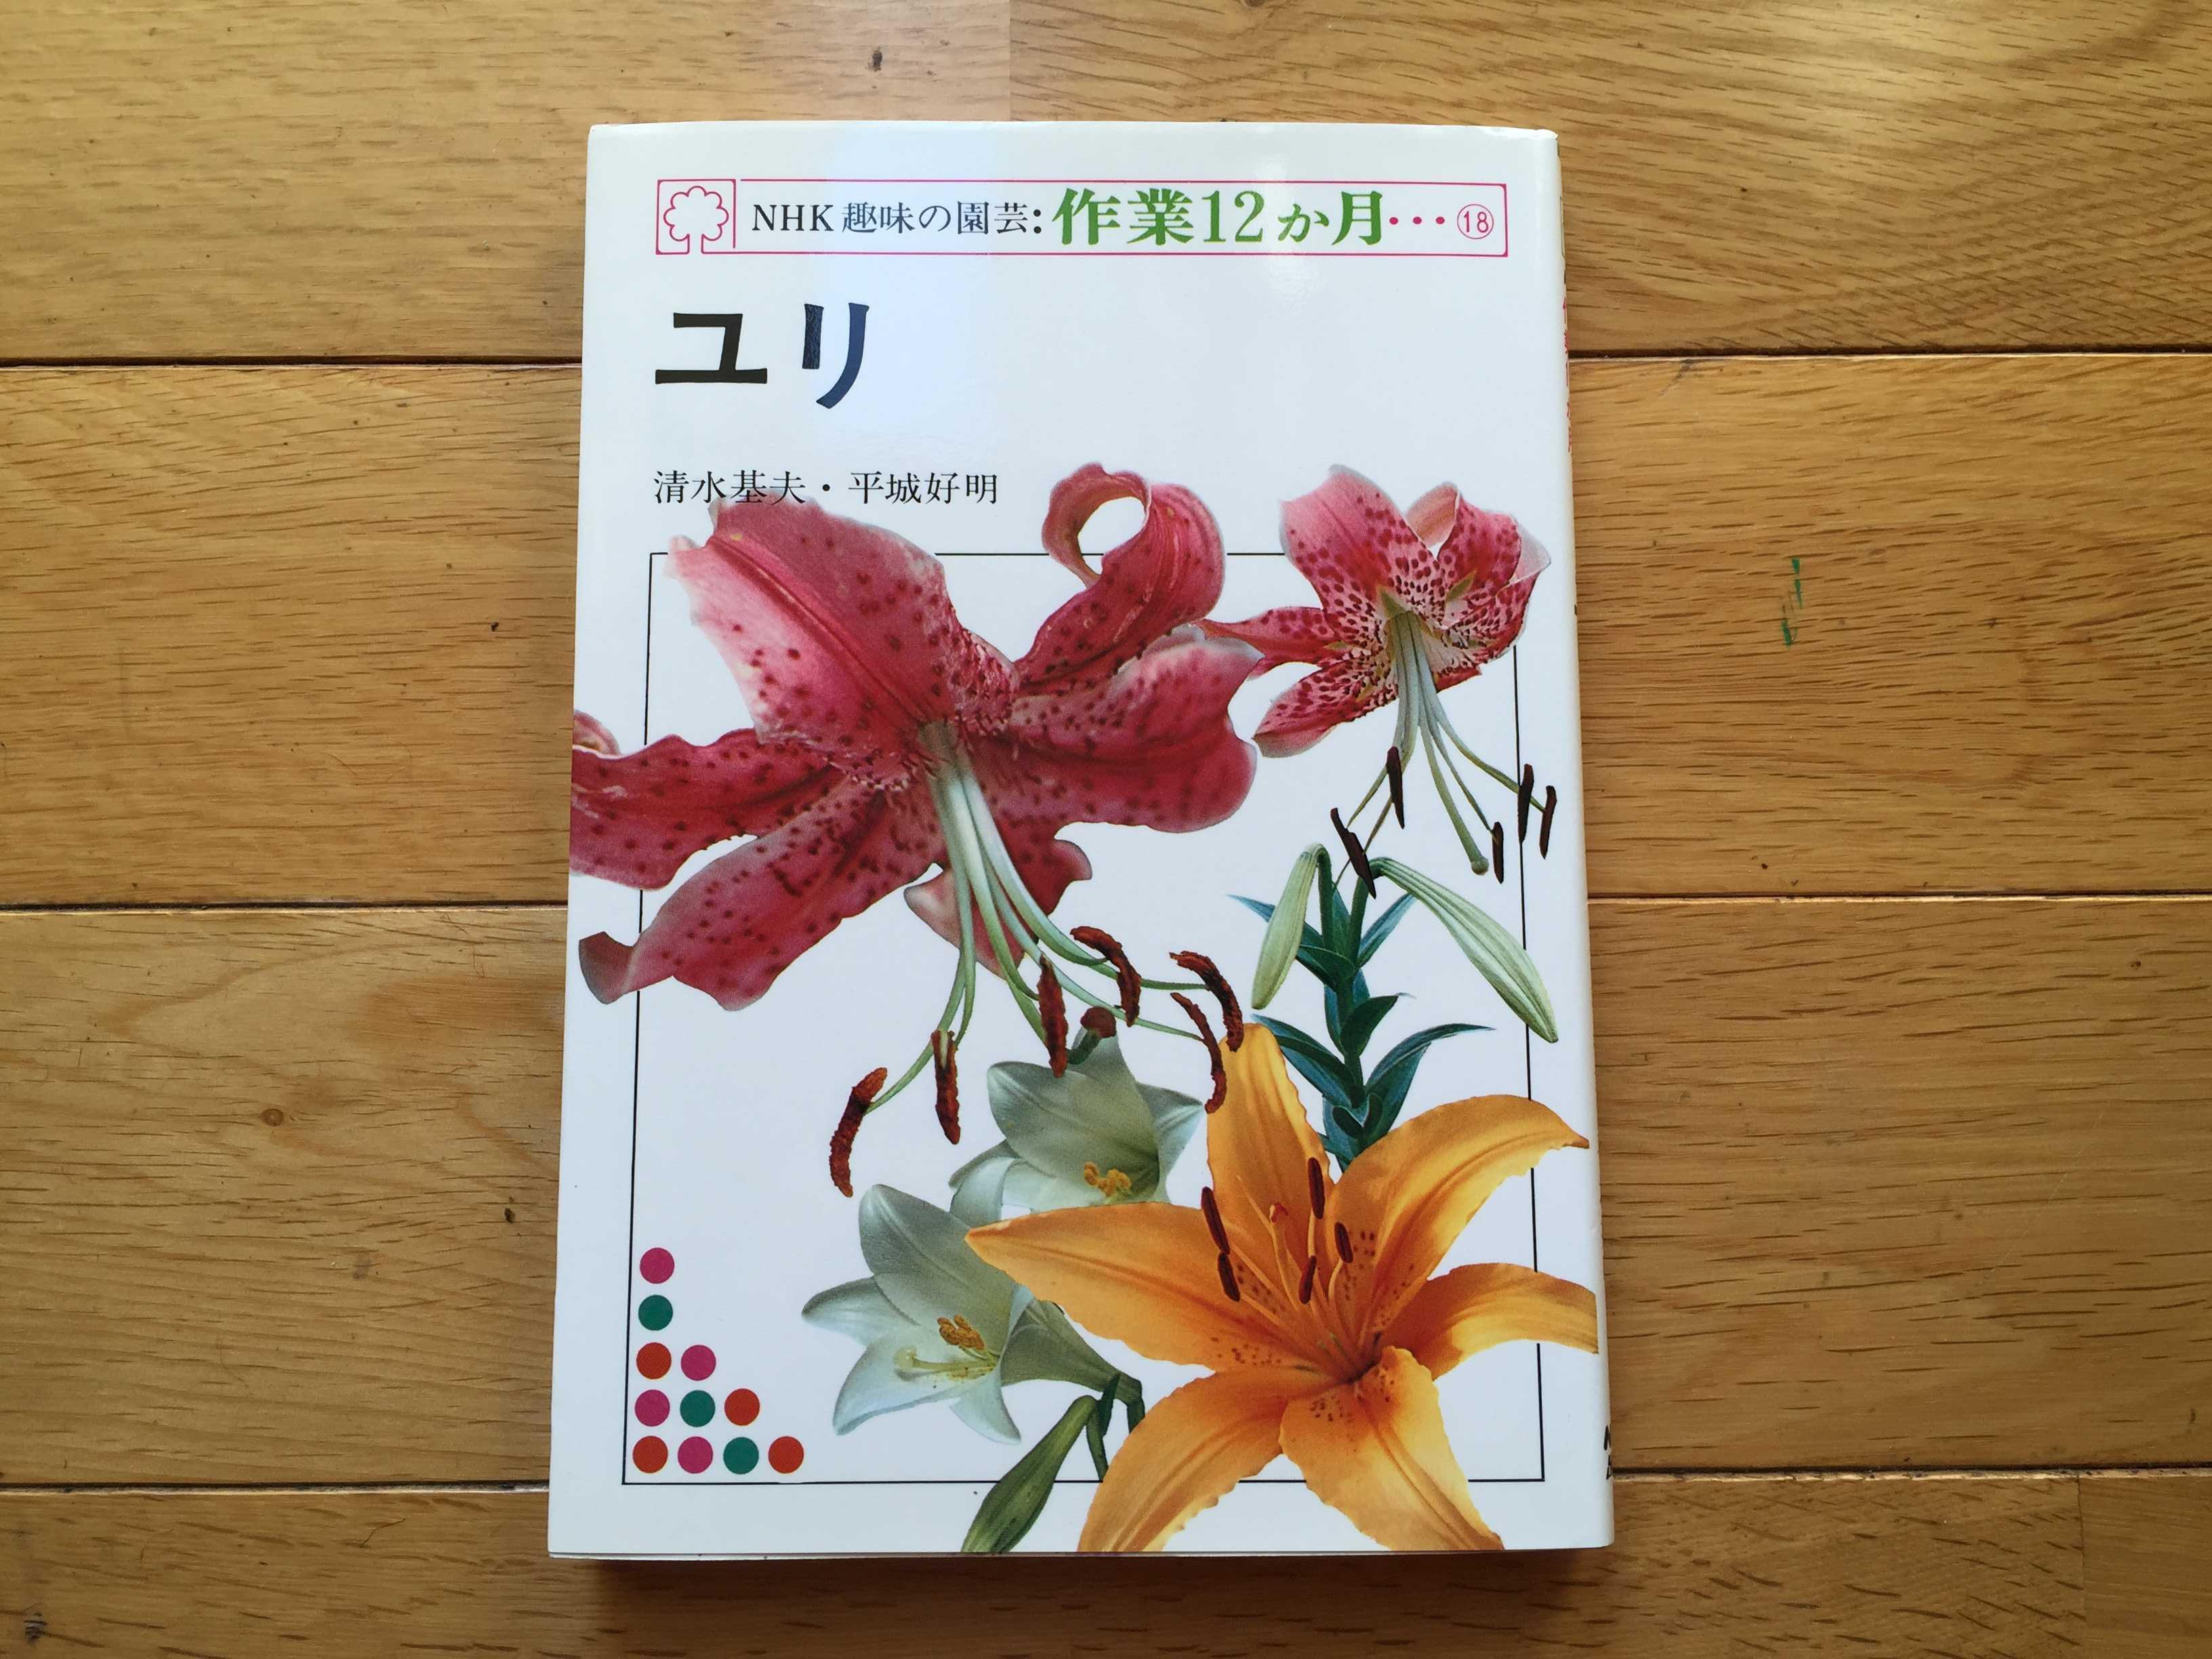 ユリ - NHK趣味の園芸・作業12か月 No.18 清水基夫・平城好明